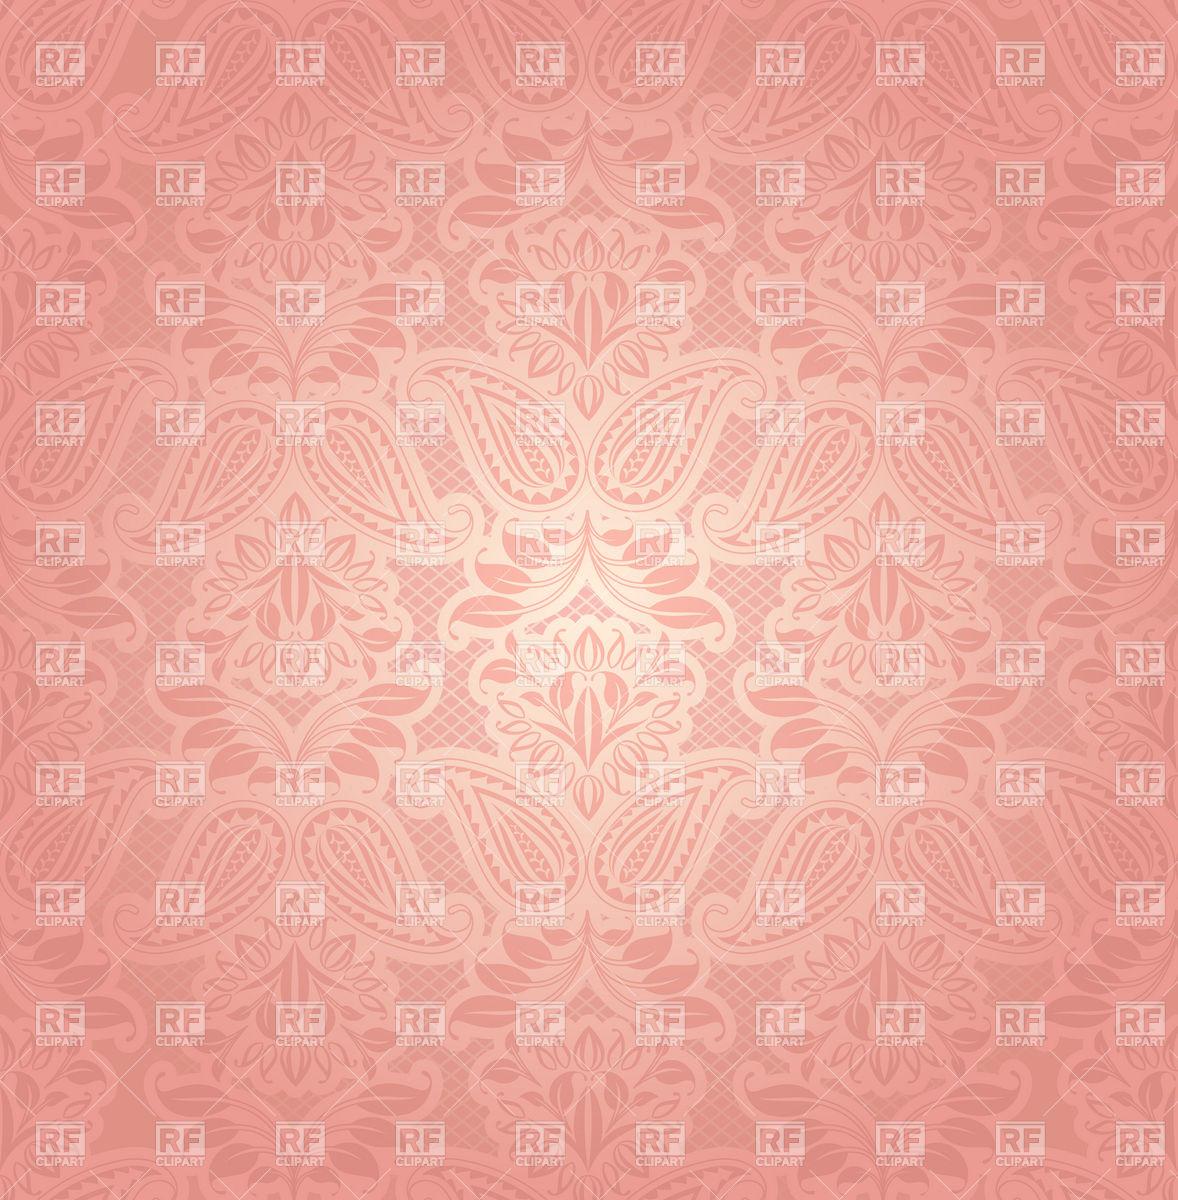 free download floral wallpaper pink background with vintage pattern backgrounds 1178x1200 for your desktop mobile tablet explore 46 vintage pink wallpaper wallpapers for desktop pink vintage pink rose wallpaper floral wallpaper pink background